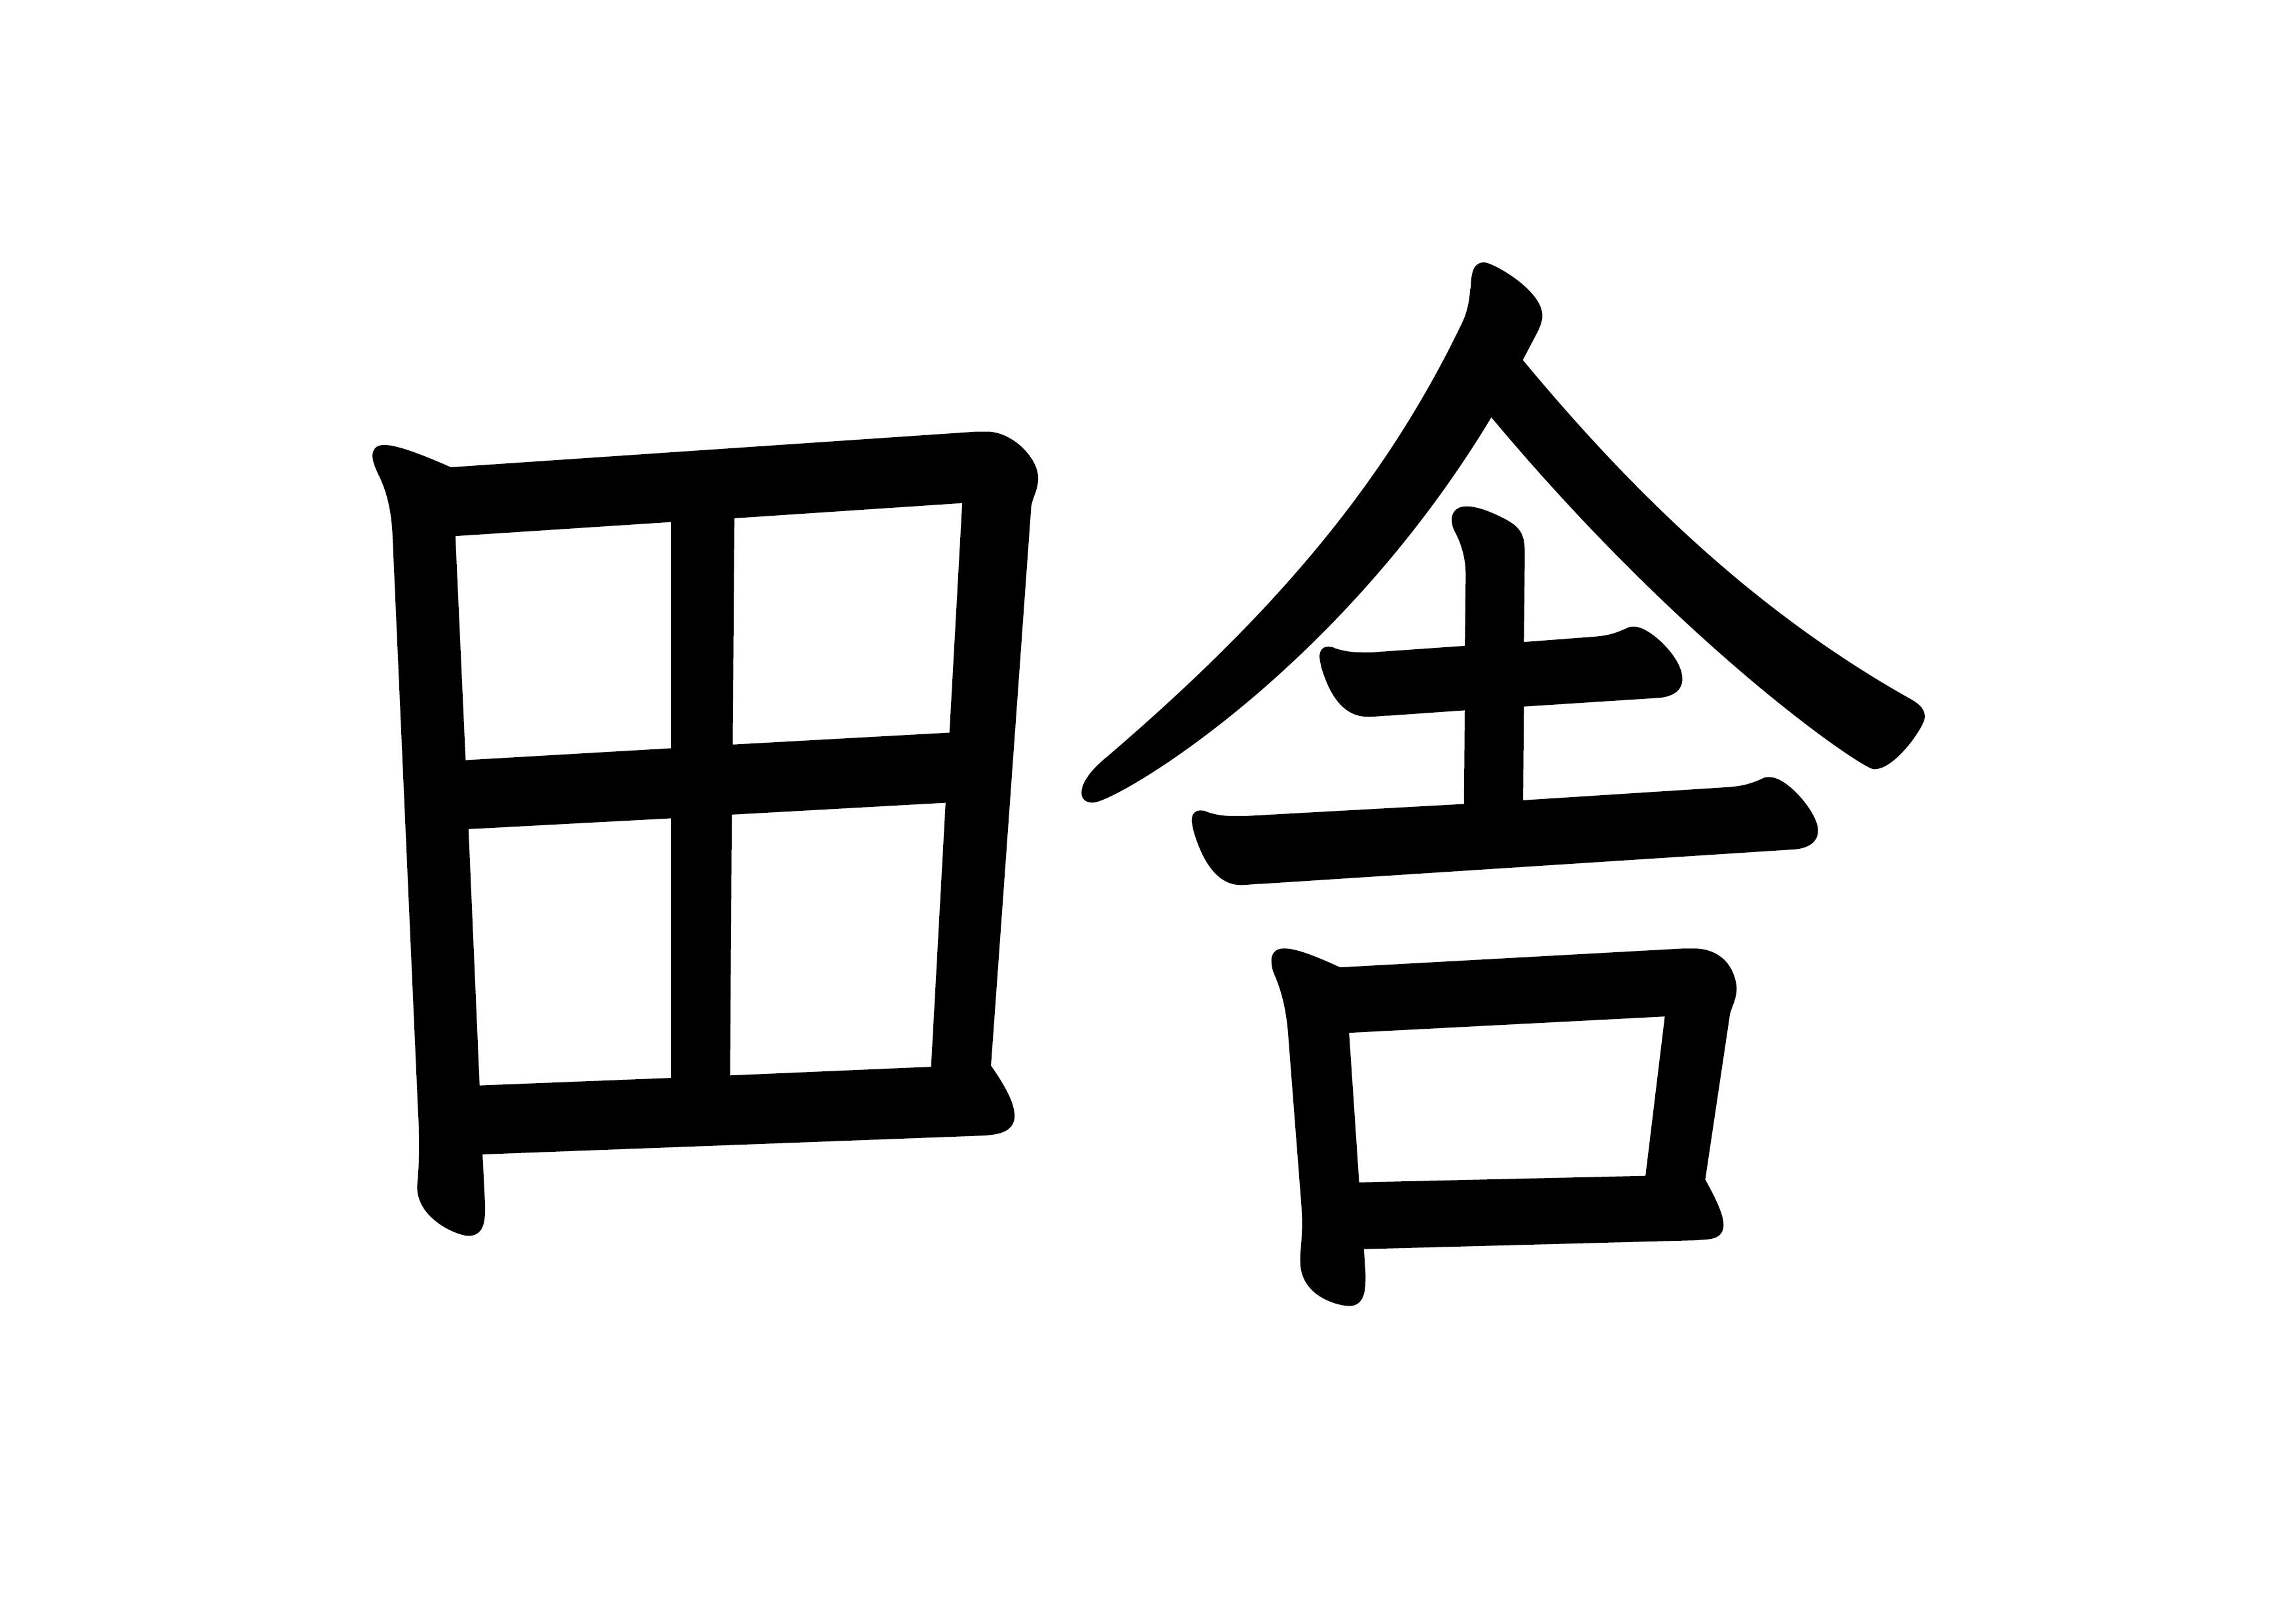 25課文字カード【田舎】